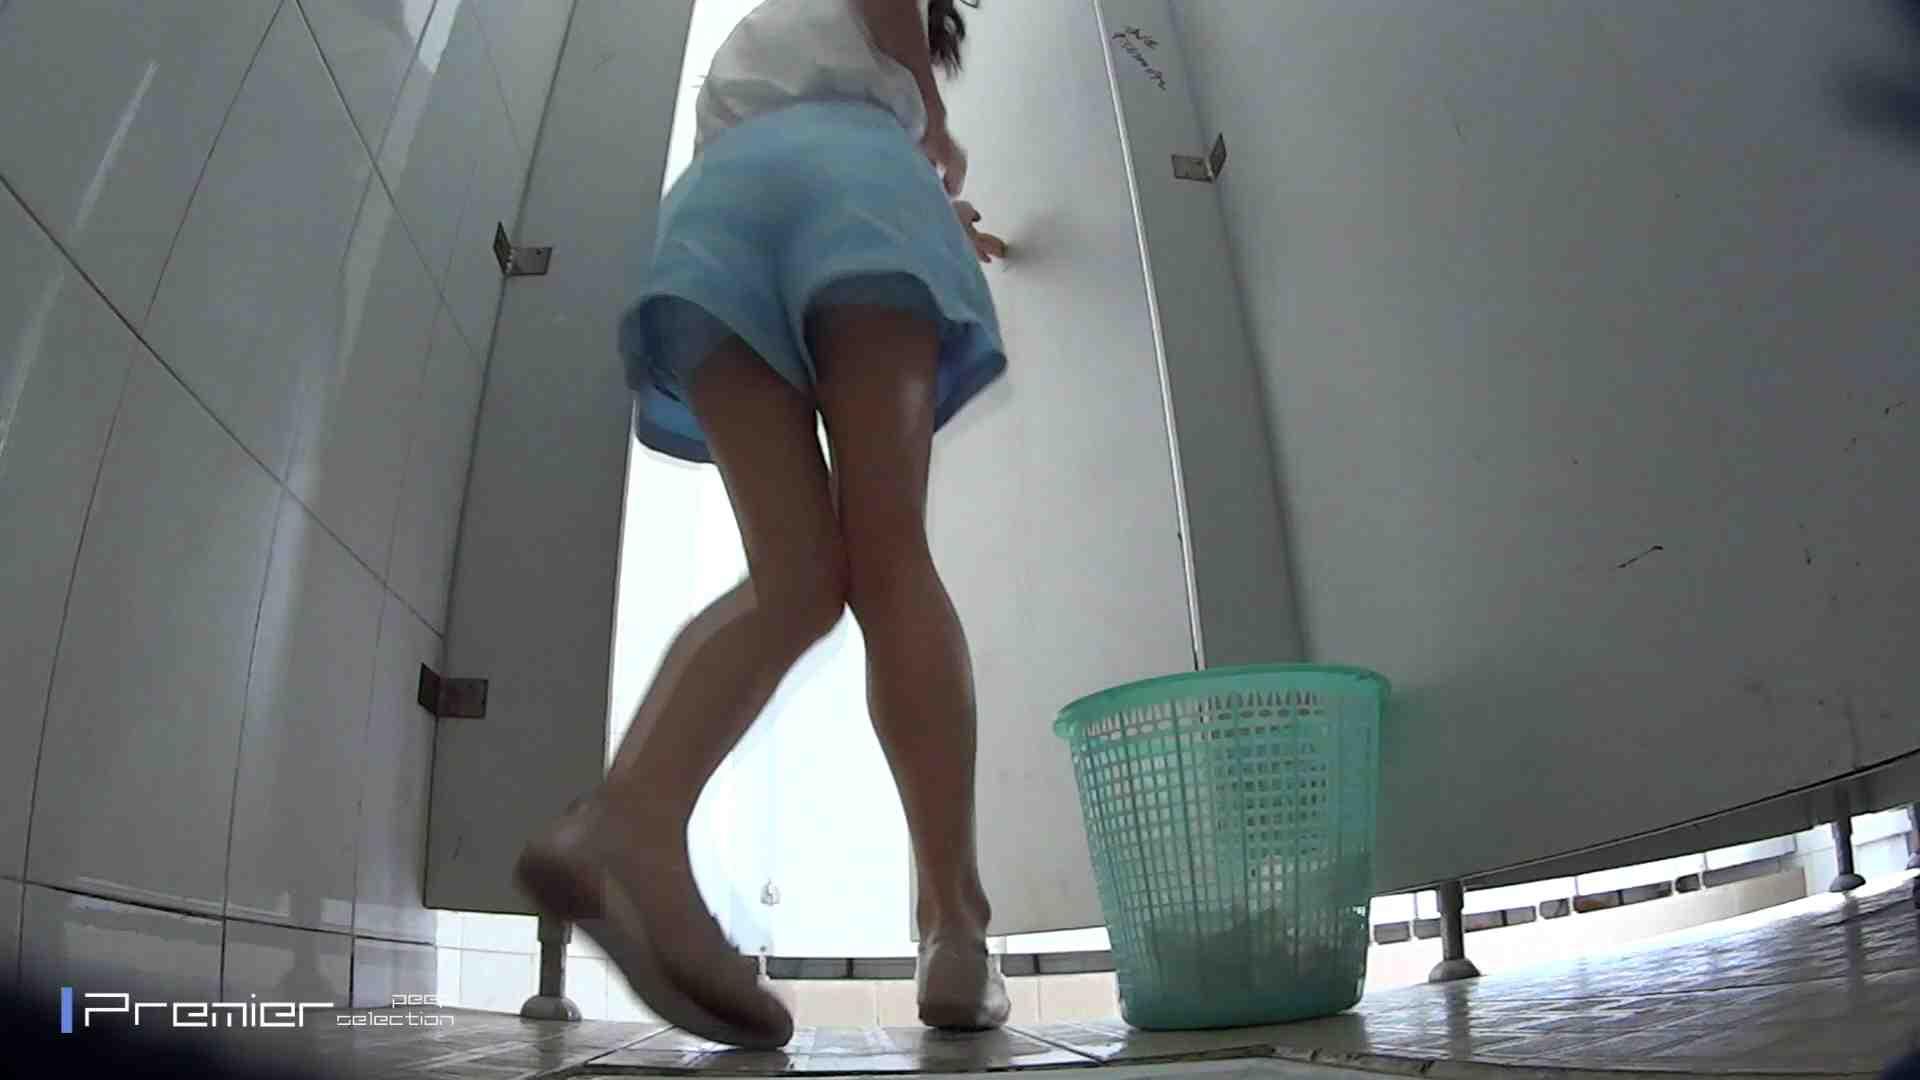 美しい女良たちのトイレ事情 有名大学休憩時間の洗面所事情06 美女 AV無料 56画像 10